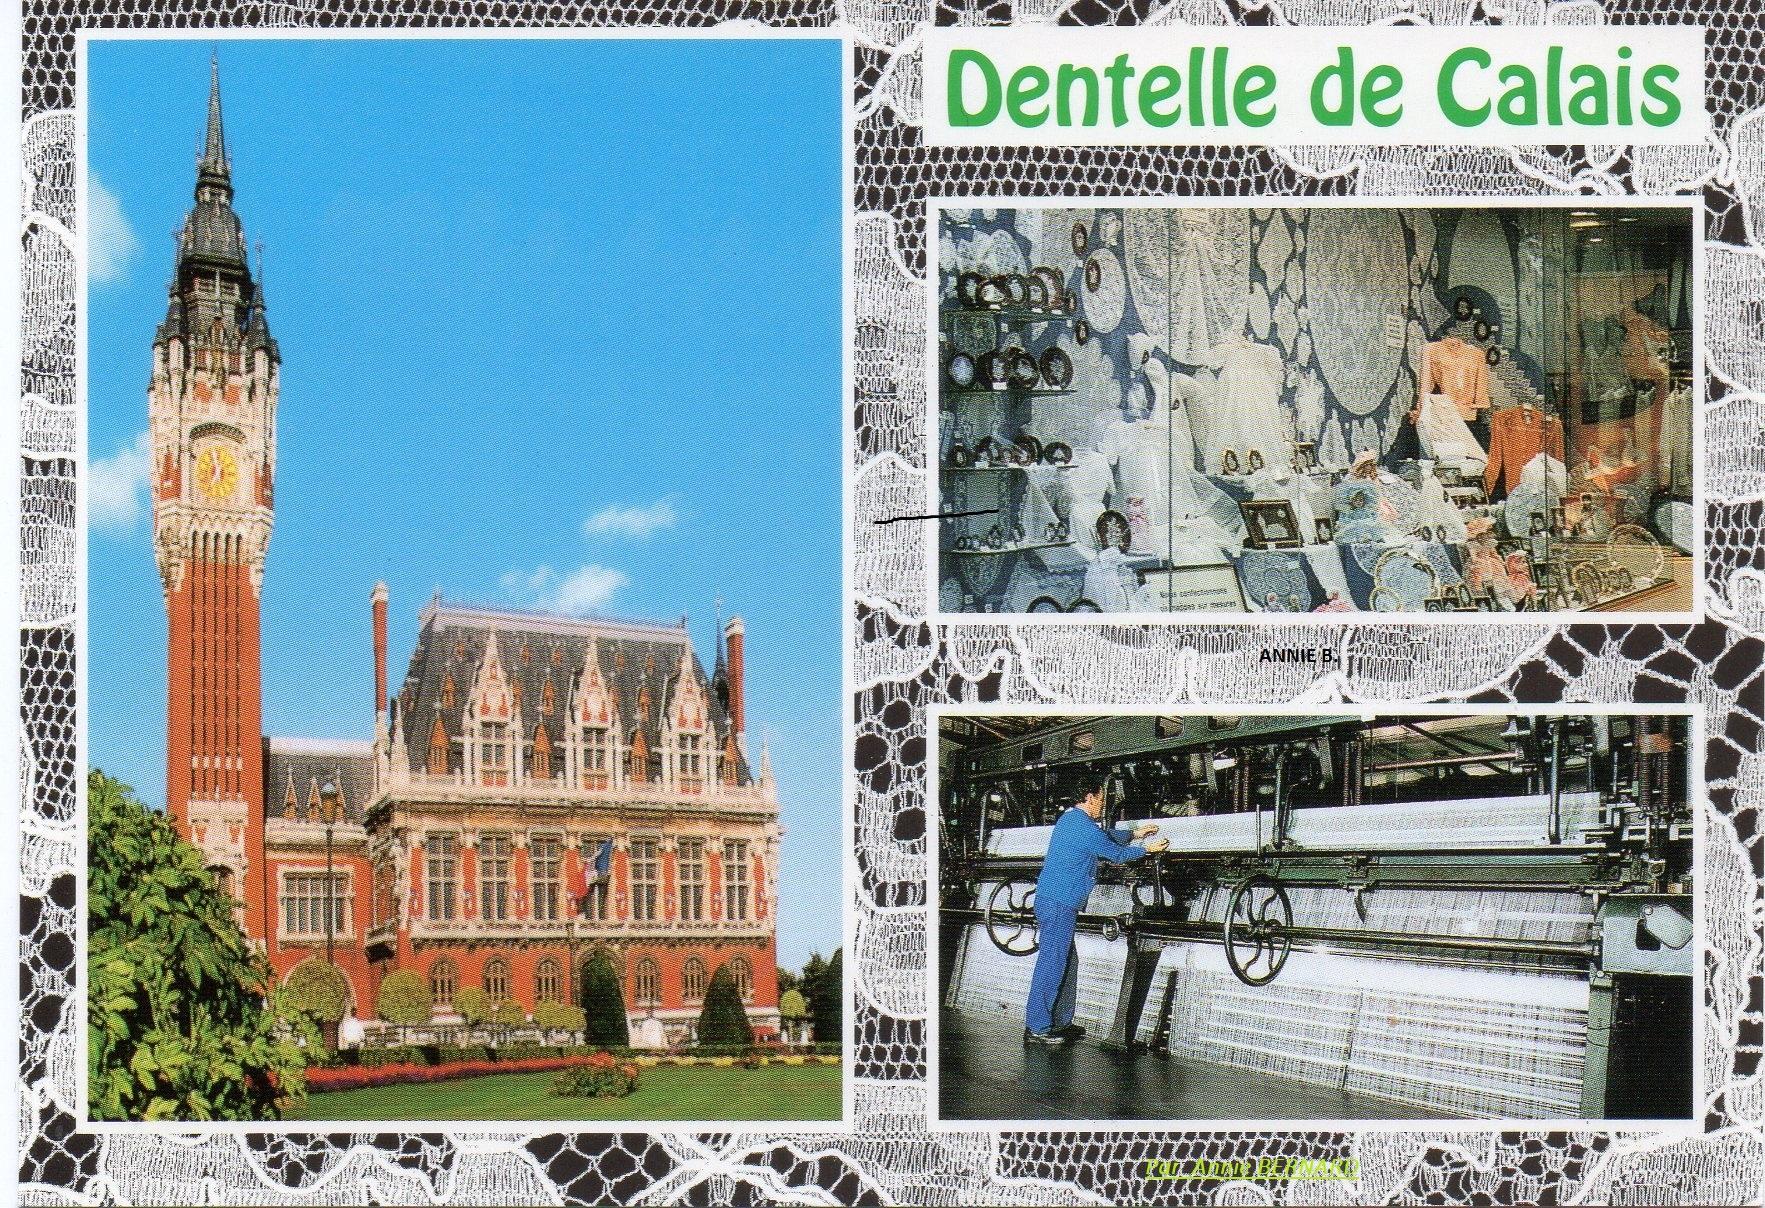 Carte postale sur Calais Dentelle